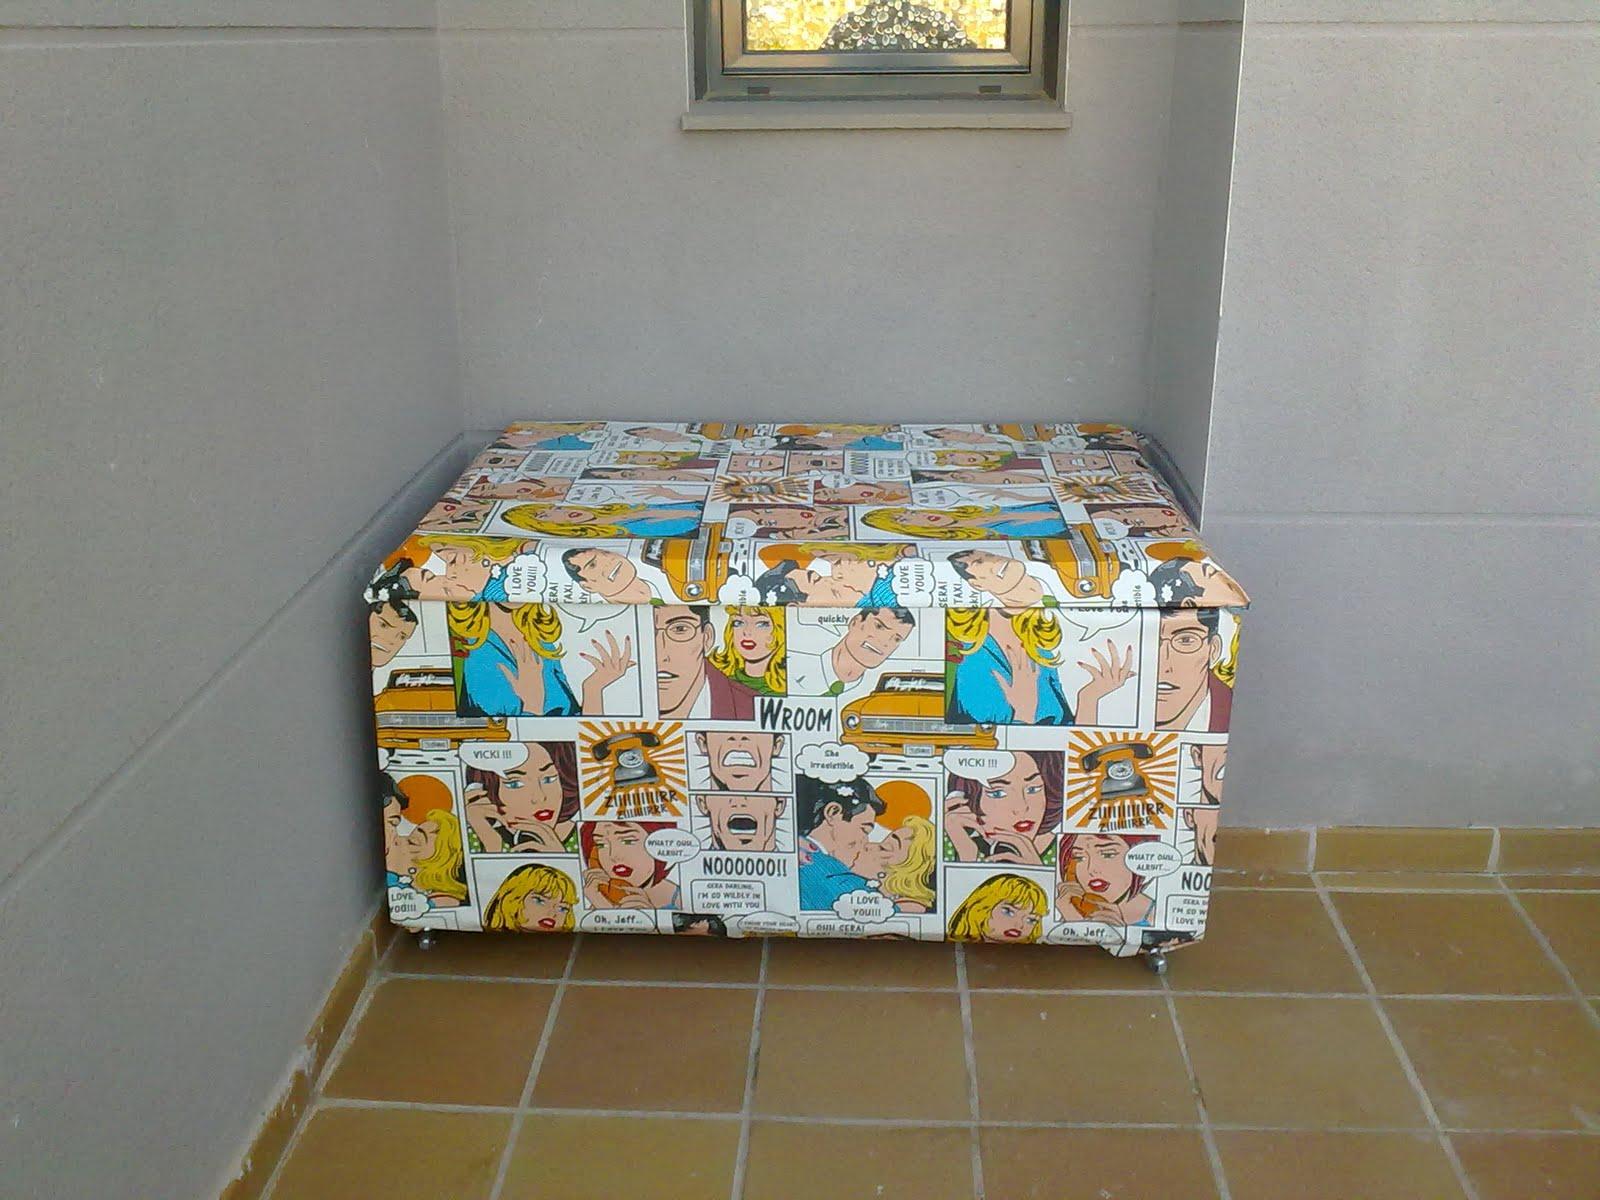 El ba l de palets para colchonetas de exterior de david for Colchonetas para sofas de palets